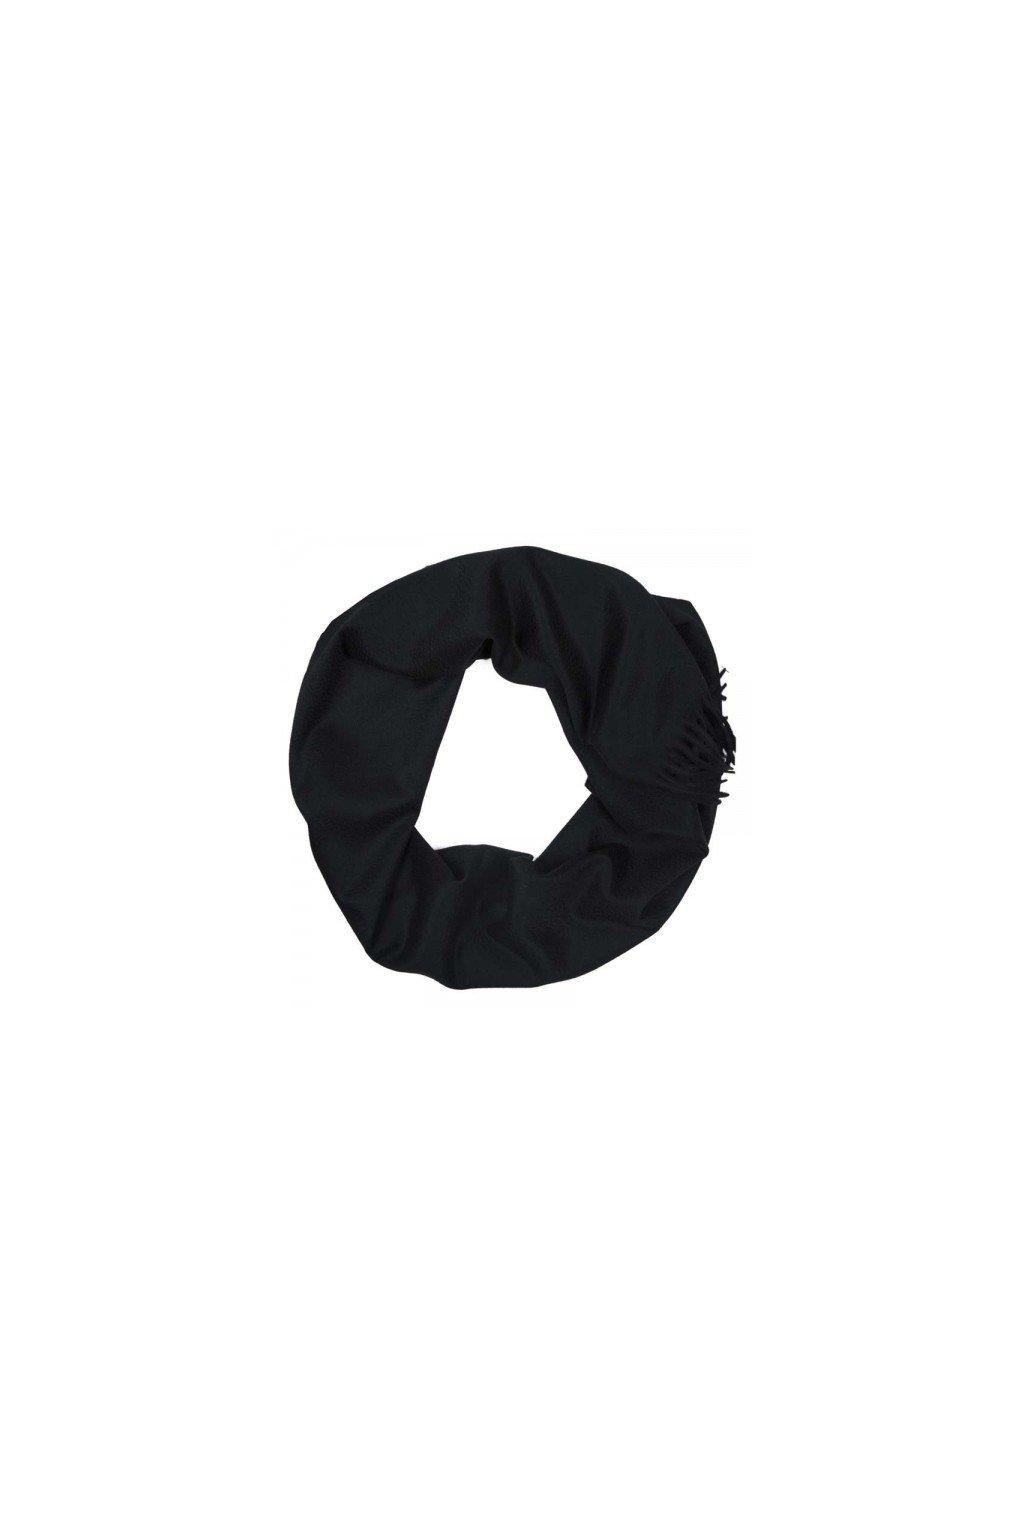 IT108900 Cashmere black